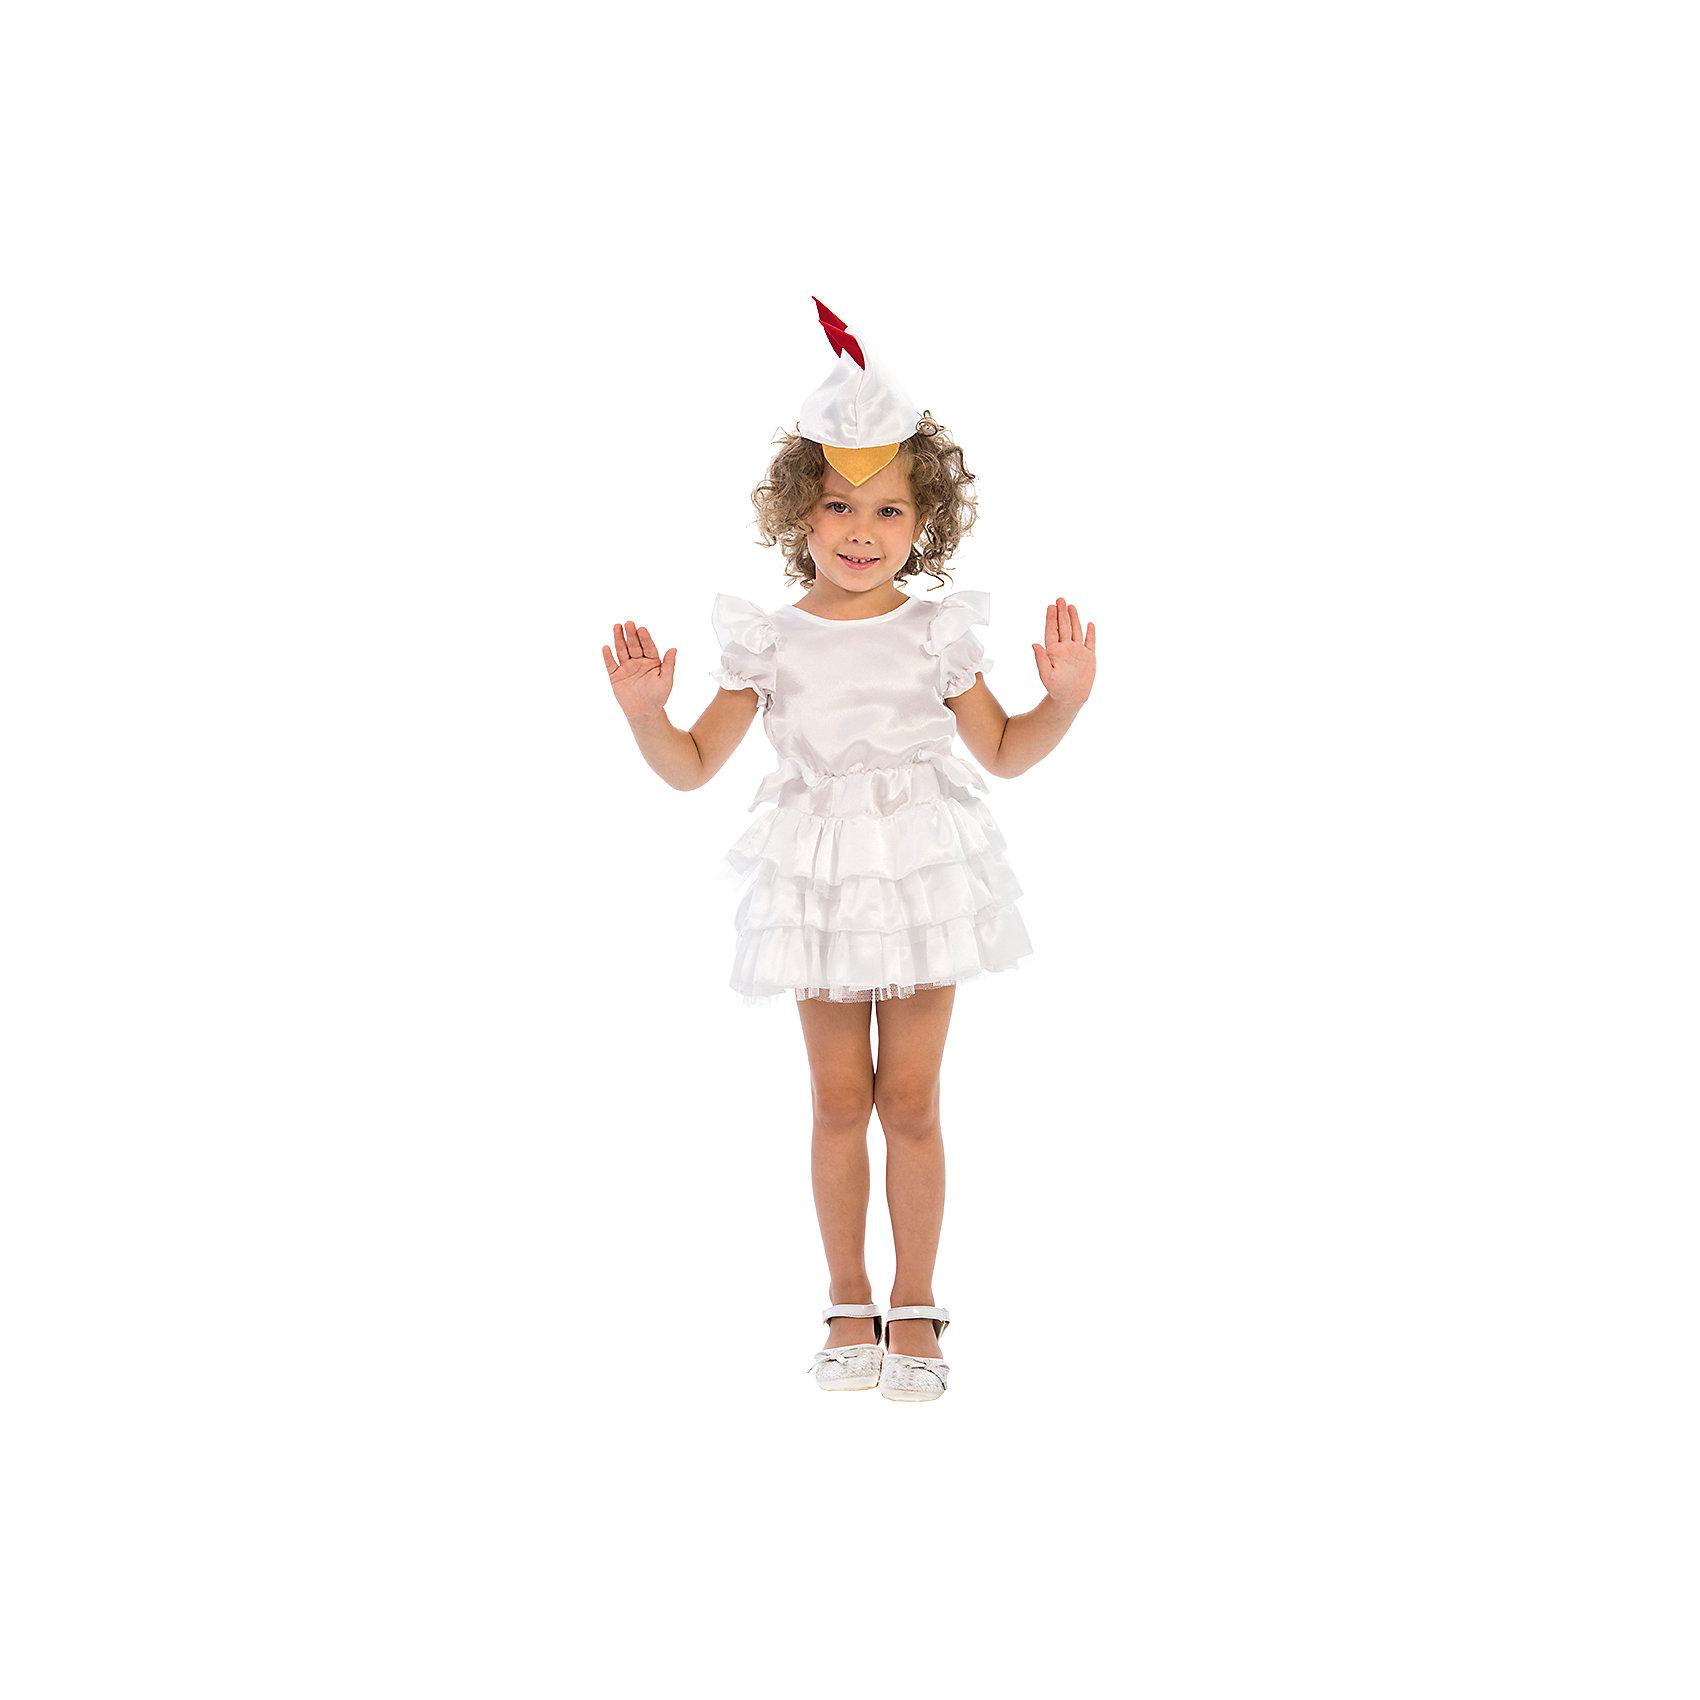 Карнавальный костюм для девочки Курочка, ВестификаКарнавальные костюмы и аксессуары<br>Курочки и Петушки постоянные герои утренников в детском саду. Они всегда узнаваемы детьми, их любят рисовать, в них любят наряжаться. Именно поэтому мы придумали наш карнавальный костюм «Курочка». Он очень нежный и воздушный. Коротенькое белое платьице с классическими рукавами-крылышками и большим количеством оборок дополнено шапочкой с клювиком и гребешком, которая регулируется по ширине резиночкой. Сзади в области горловины платье завязывается на бантик, а в районе талии пришит задорный хвостик. Дополнительную пышность платью придает подъюбник из фатина. По ширине изделие регулируется резинкой, вшитой в области талии. Гребешок на шапочке дублирован клеевой. Таким образом создается образ курочки-хохлушки - веселой хохотушки. Рекомендуем дополнить комплект белыми носочками и туфлями.<br><br>Дополнительная информация:<br><br>Комплектация:<br>Платье из крепсатина и фатина Шапочка из крепсатина<br>Ткани:<br>Крепсатин (100% полиэстер)<br>Фатин (100% полиэстер)<br><br>Карнавальный костюм для девочки Курочка, Вестифика можно купить в нашем магазине.<br><br>Ширина мм: 236<br>Глубина мм: 16<br>Высота мм: 184<br>Вес г: 150<br>Цвет: разноцветный<br>Возраст от месяцев: 36<br>Возраст до месяцев: 60<br>Пол: Женский<br>Возраст: Детский<br>Размер: 98/110,116/122<br>SKU: 4389274